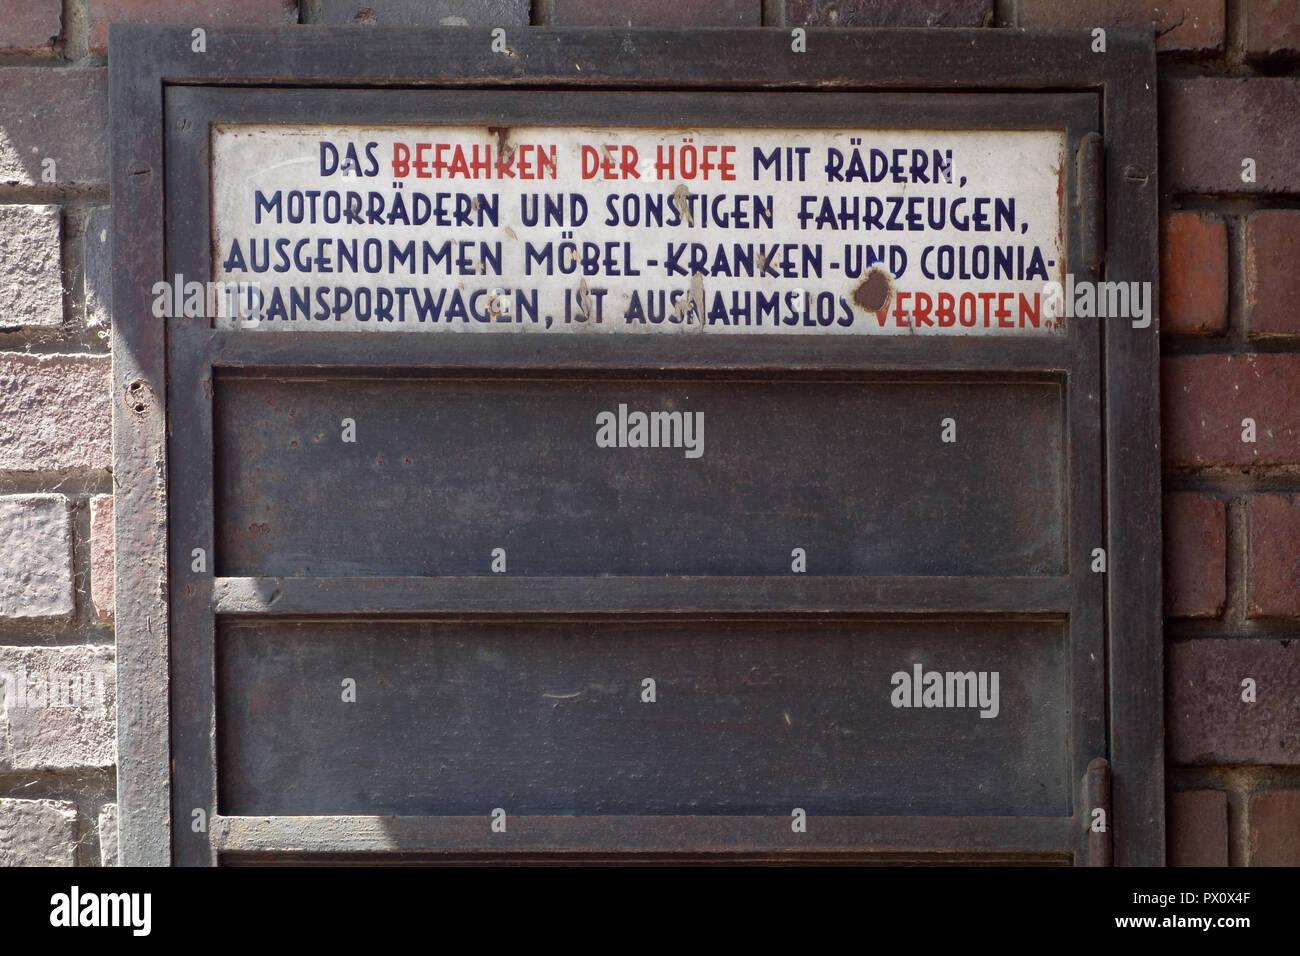 Wien, Gemeindebau des 'Roten Wien' - Vienna, Council Tenement Block, 'Red Vienna'. Karl Marx-Hof, Heiligenstädter Straße 82–92, Karl Ehn 1927-1930 - Stock Image